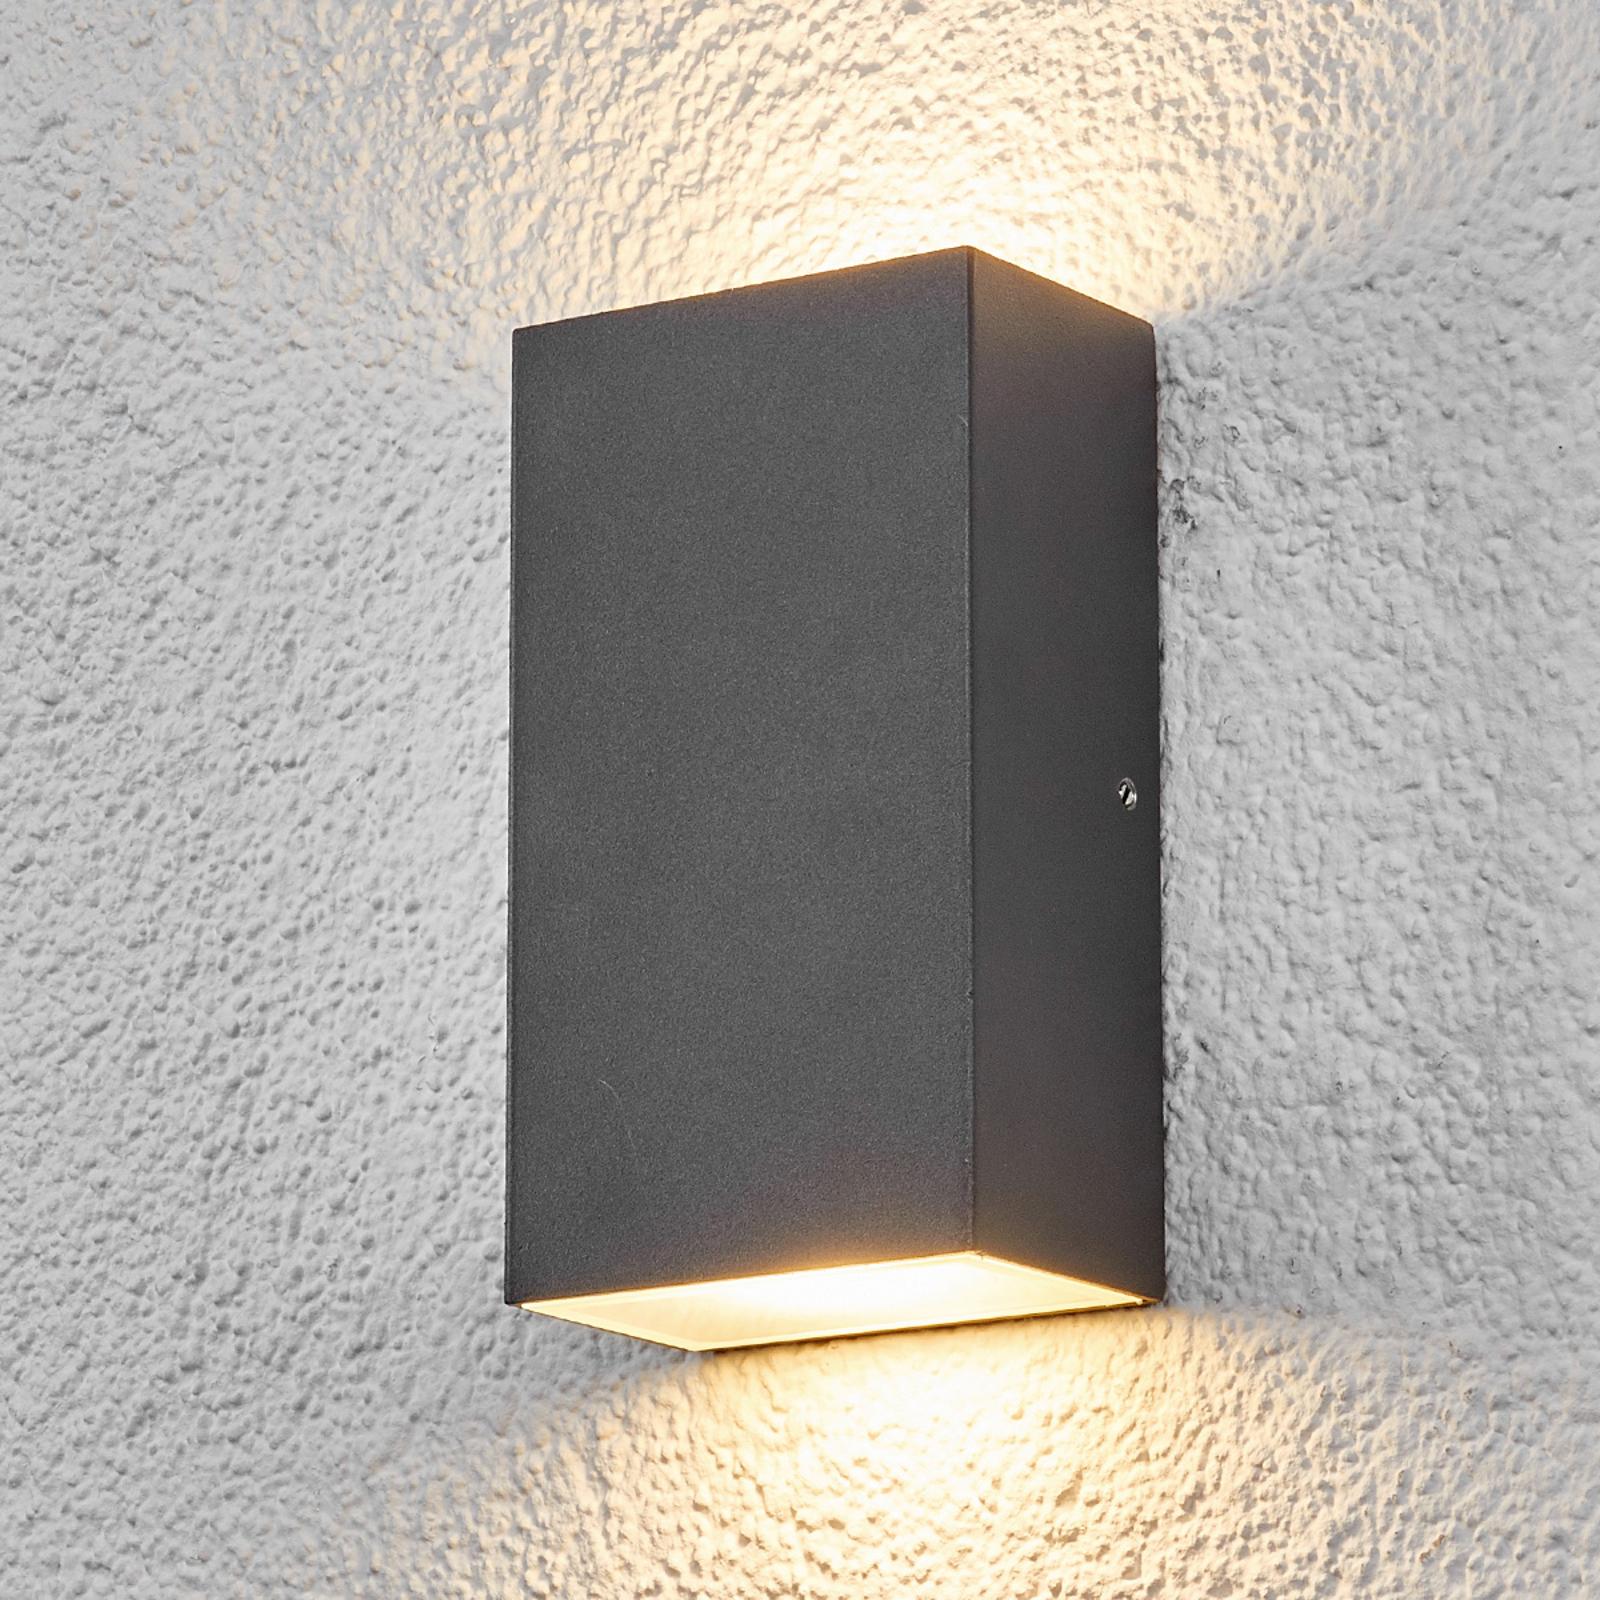 Applique d'extérieur LED carrée Weerd